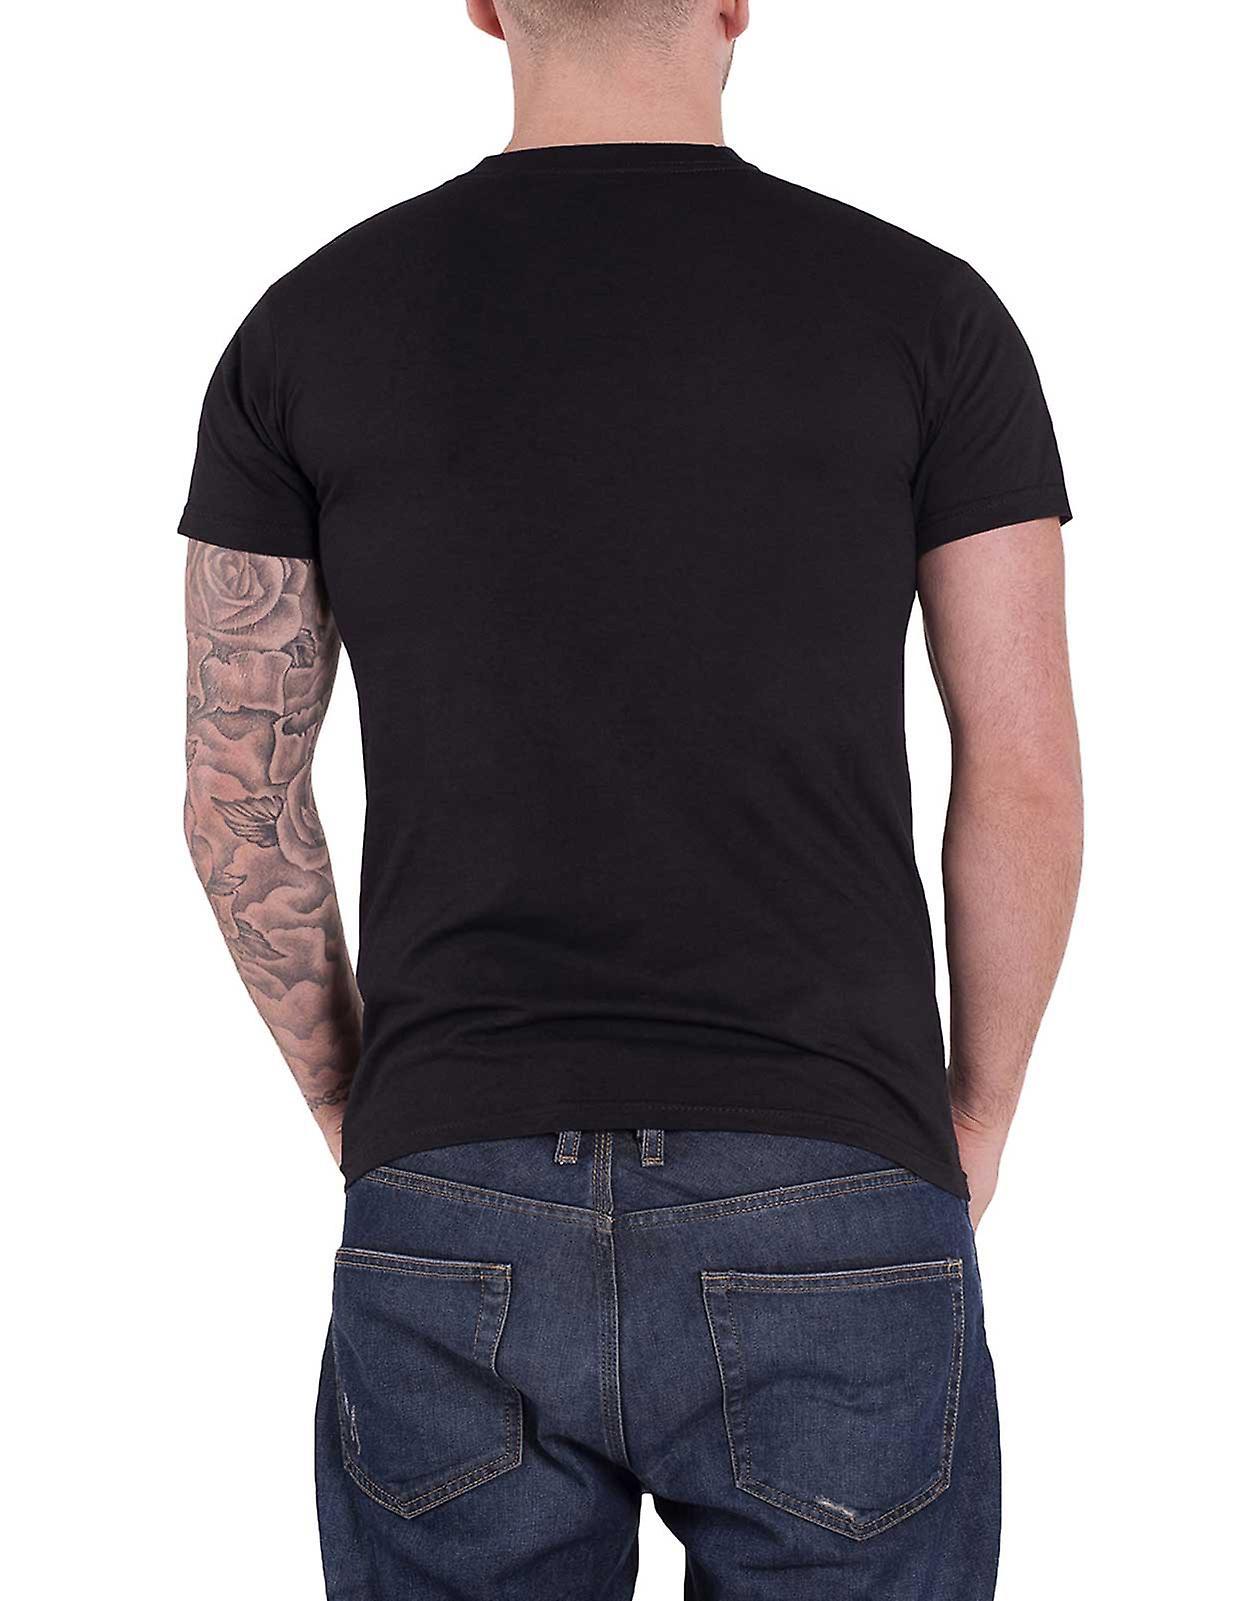 Ghost T Shirt Chosen Son Skeleton band Logo Official Mens New Black